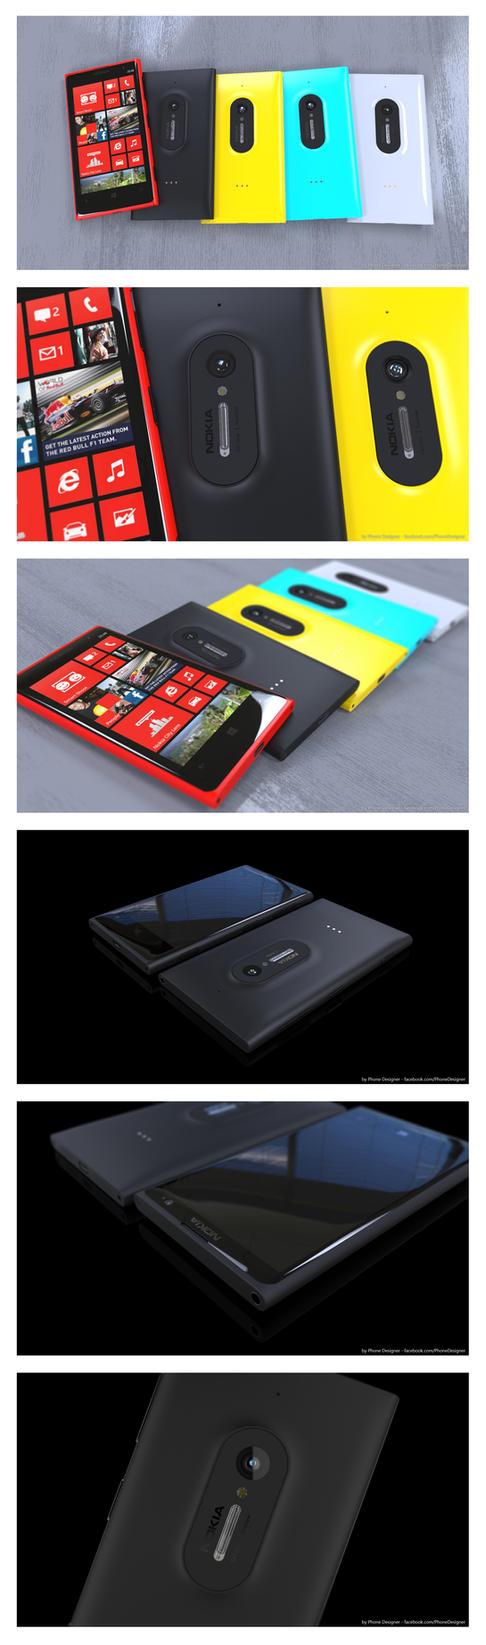 Nokia Lumia EOS (Anti Leak Concept) by Jonas-Daehnert